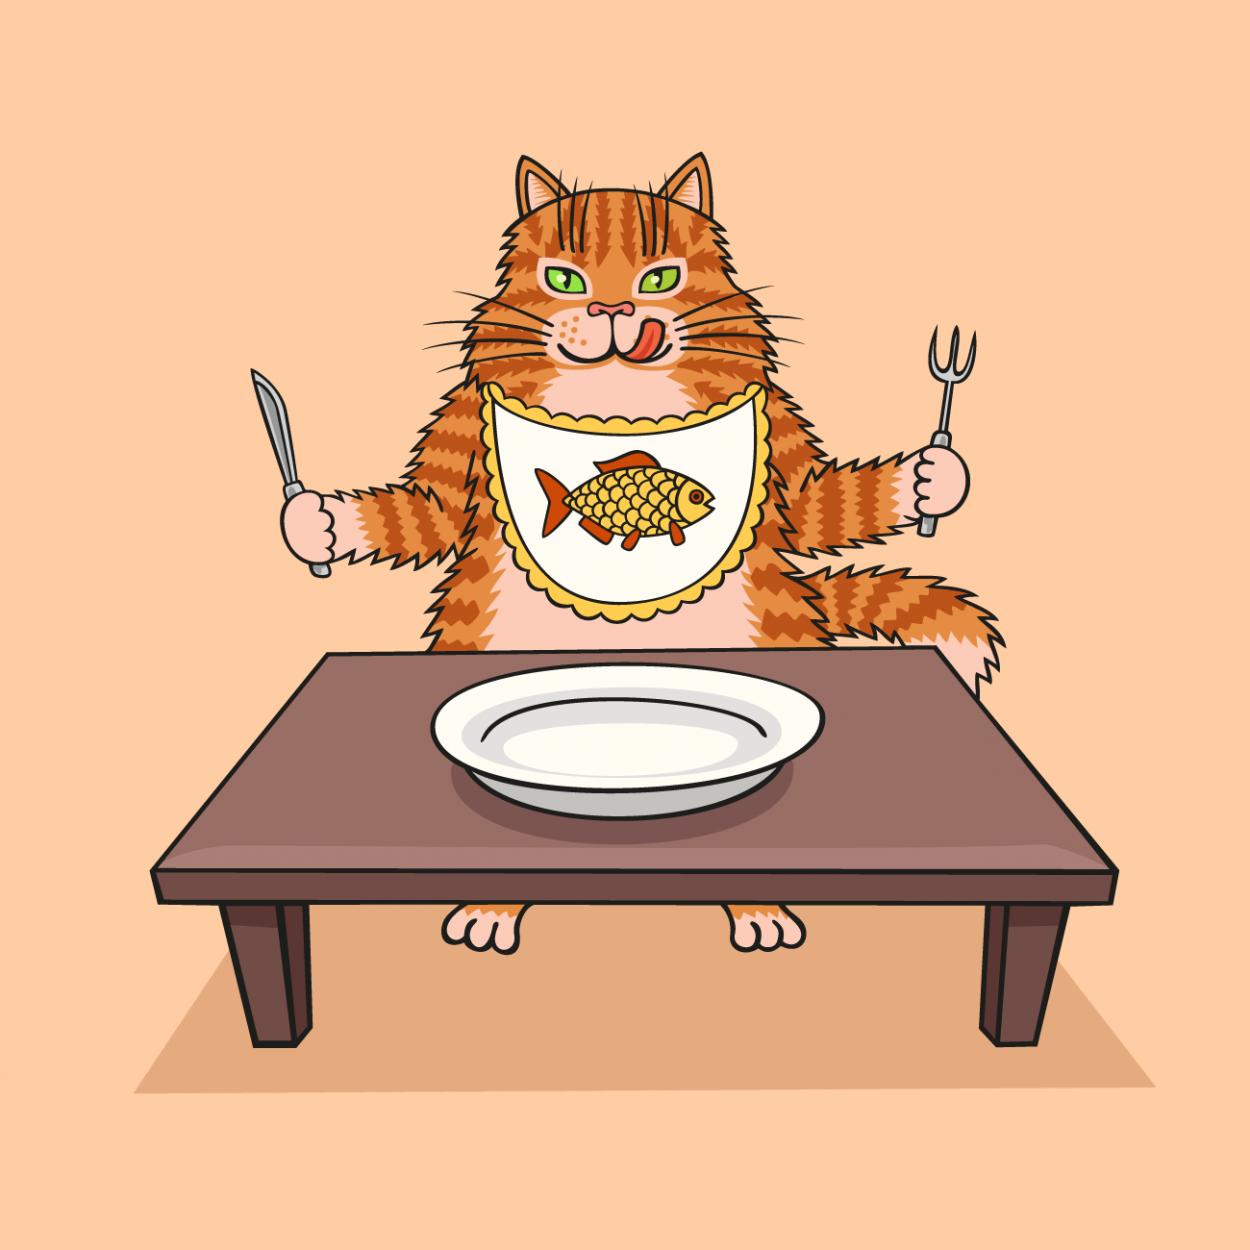 Иллюстрация к анекдоту про кота, который еду выпрашивал